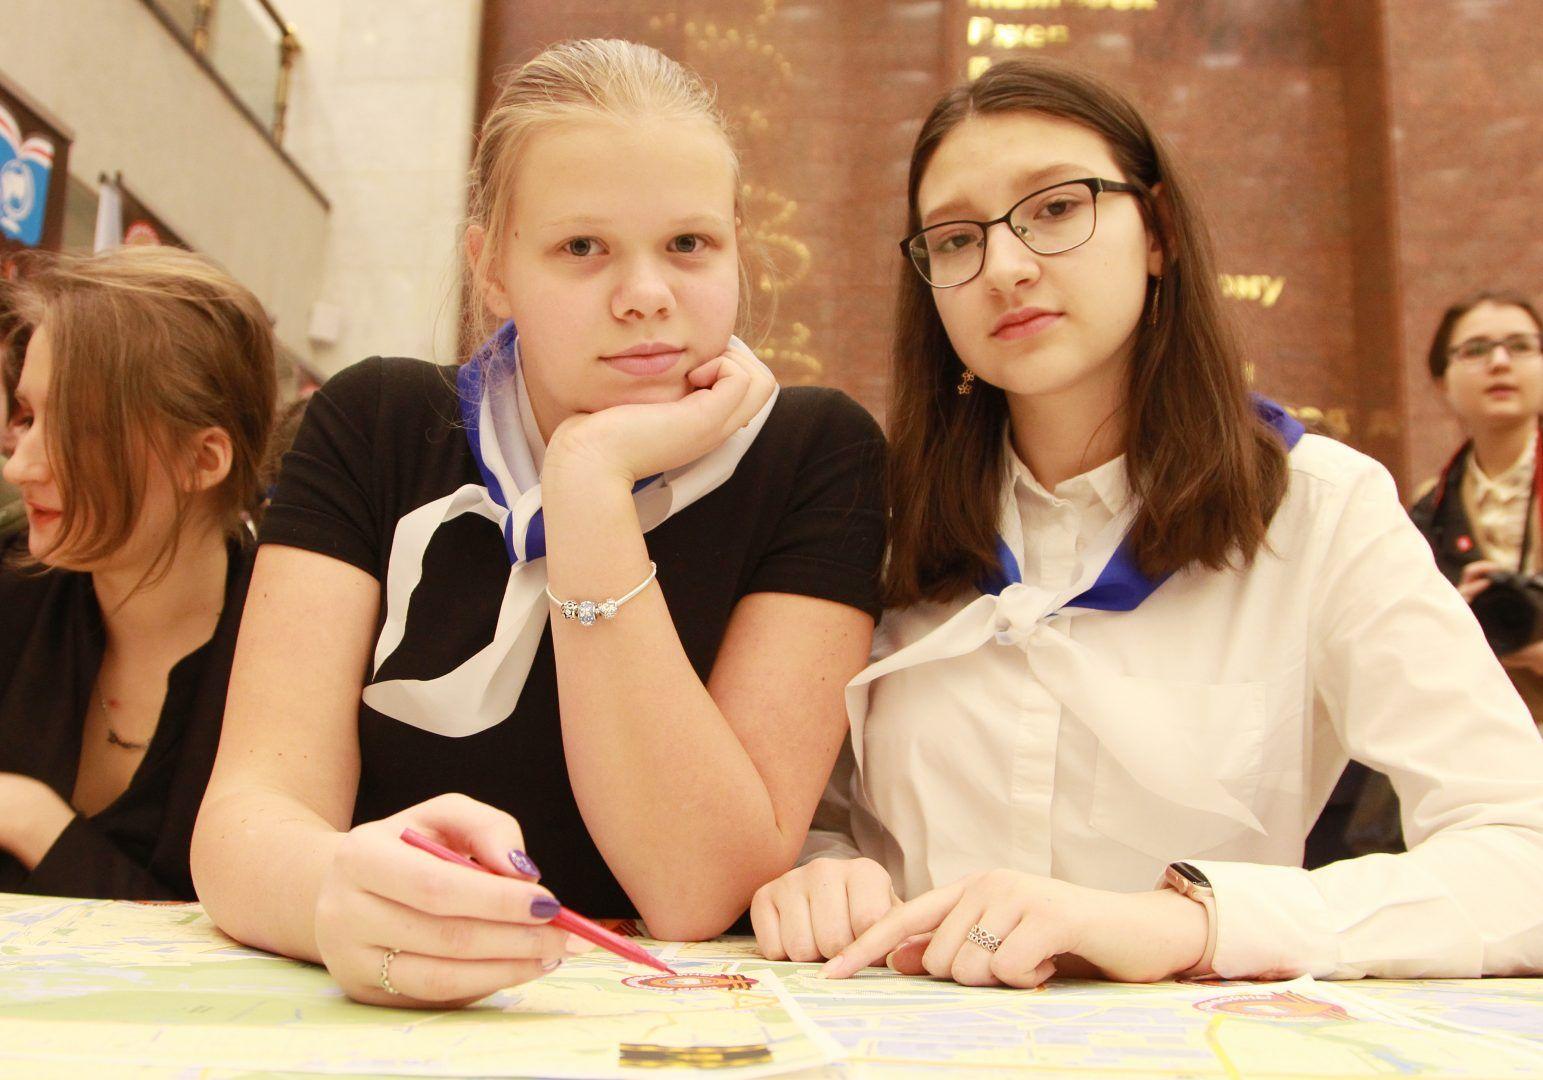 Патриотическое занятие организуют для подростков в Щаповском. Фото: Наталия Нечаева